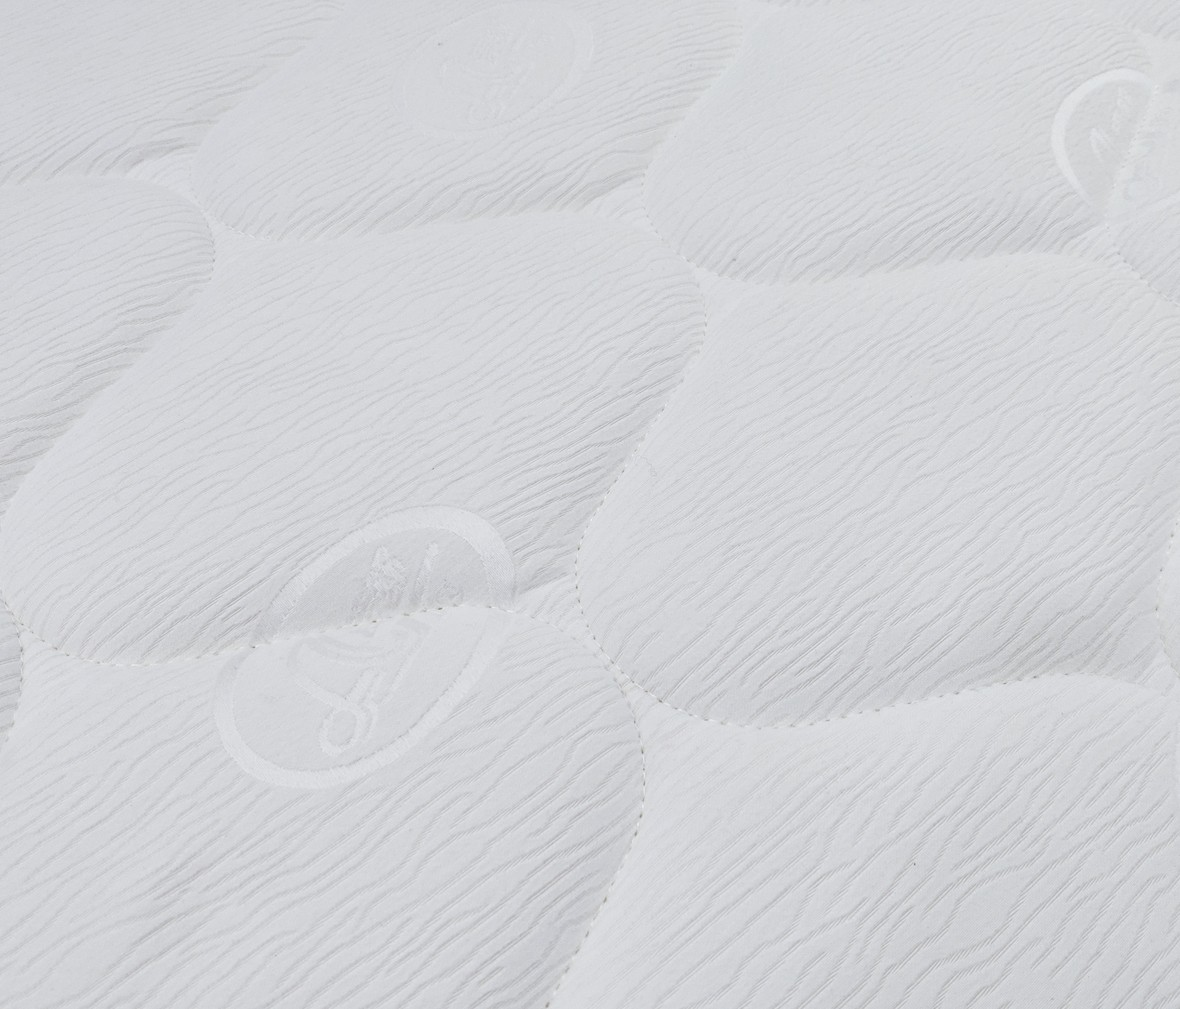 爱舒 惠美型号双人床垫 弹簧+棕材质现代简约卧室床垫 图片、价格、品牌、评测样样齐全!【蓝景商城正品行货,蓝景丽家大钟寺家居广场提货,北京地区配送,领券更优惠,线上线下同品同价,立即购买享受更多优惠哦!】